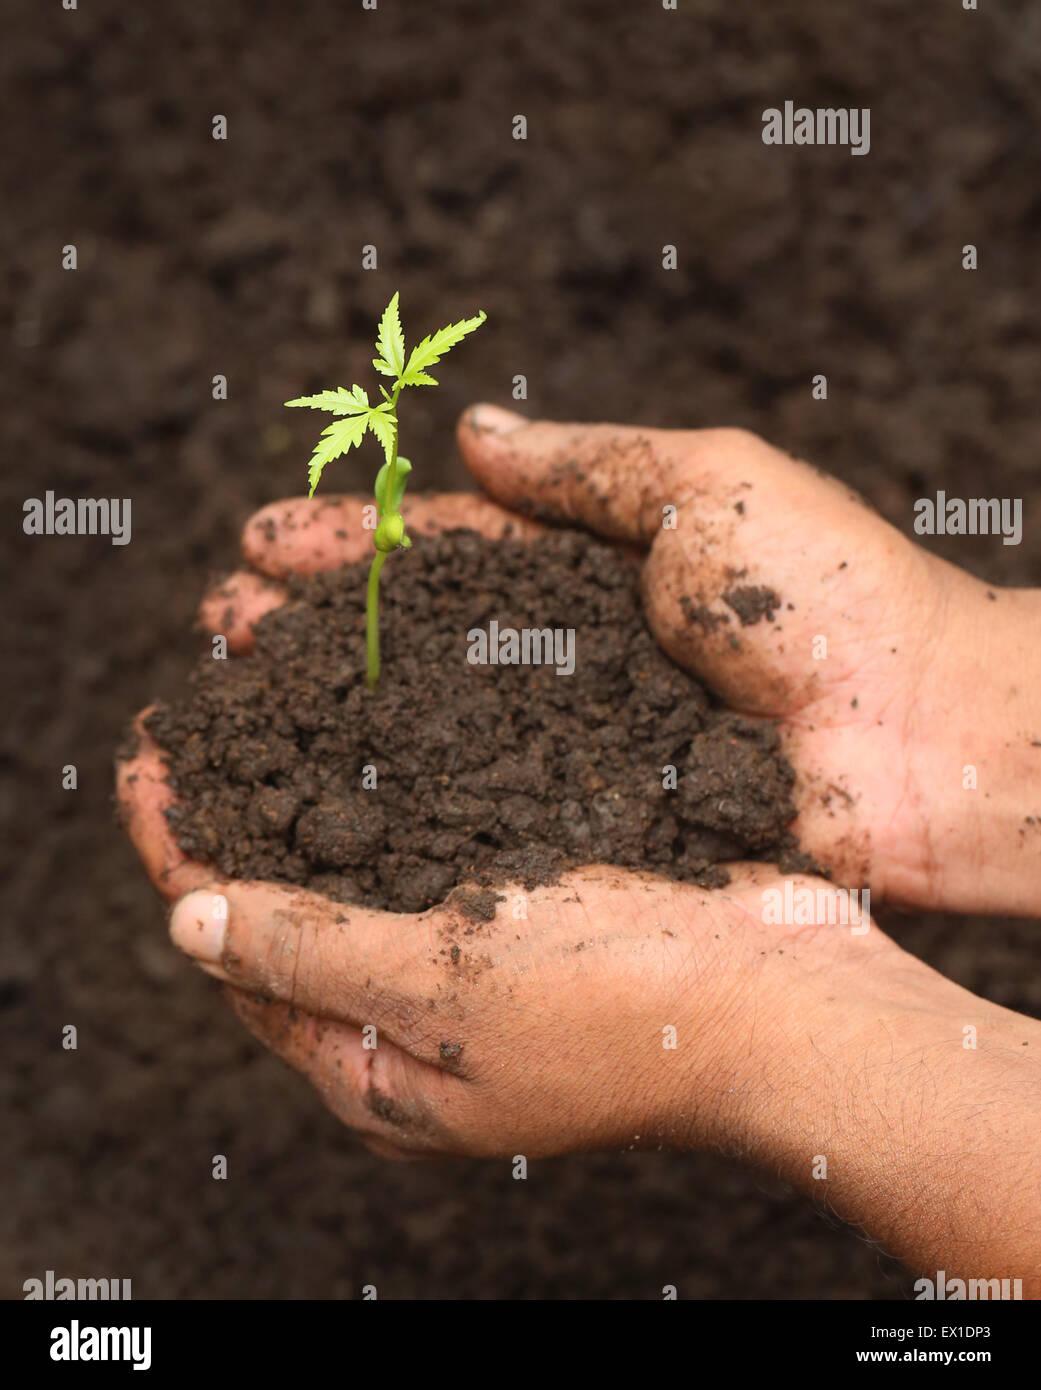 Oferta medicinal plántulas de neem durante la siembra en el suelo Imagen De Stock